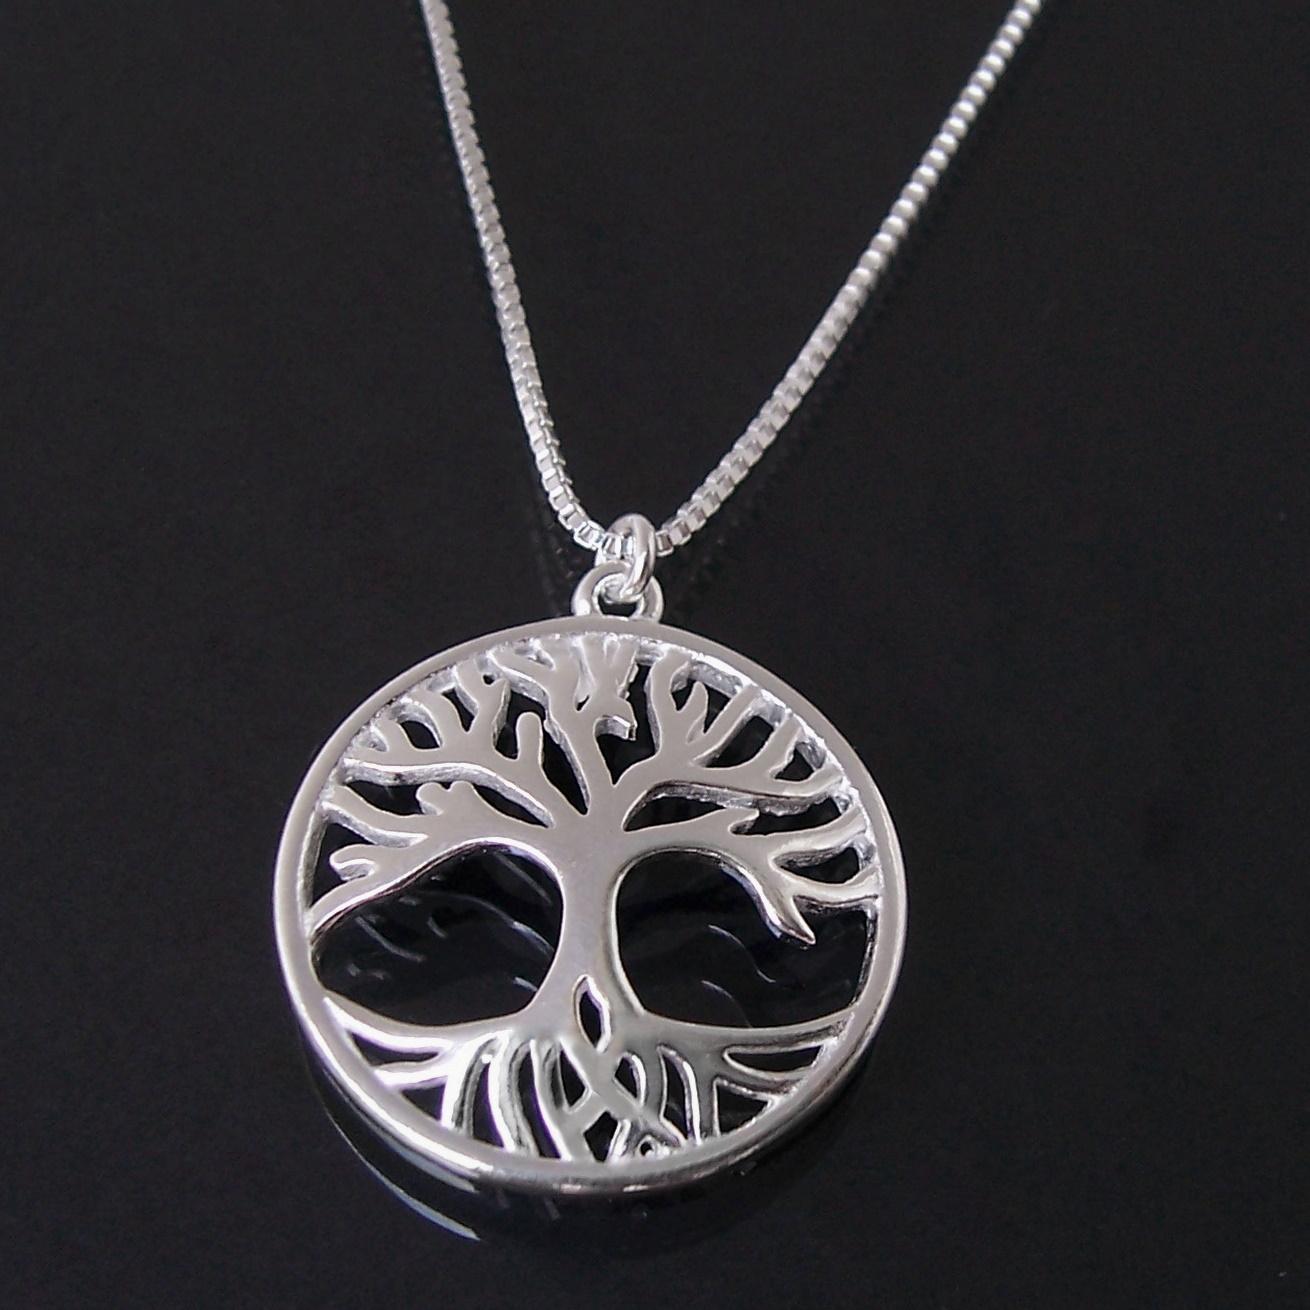 Kette aus 925 Silber Veneziakette 41-44cm Lebensbaum Echtschmuck 1581245